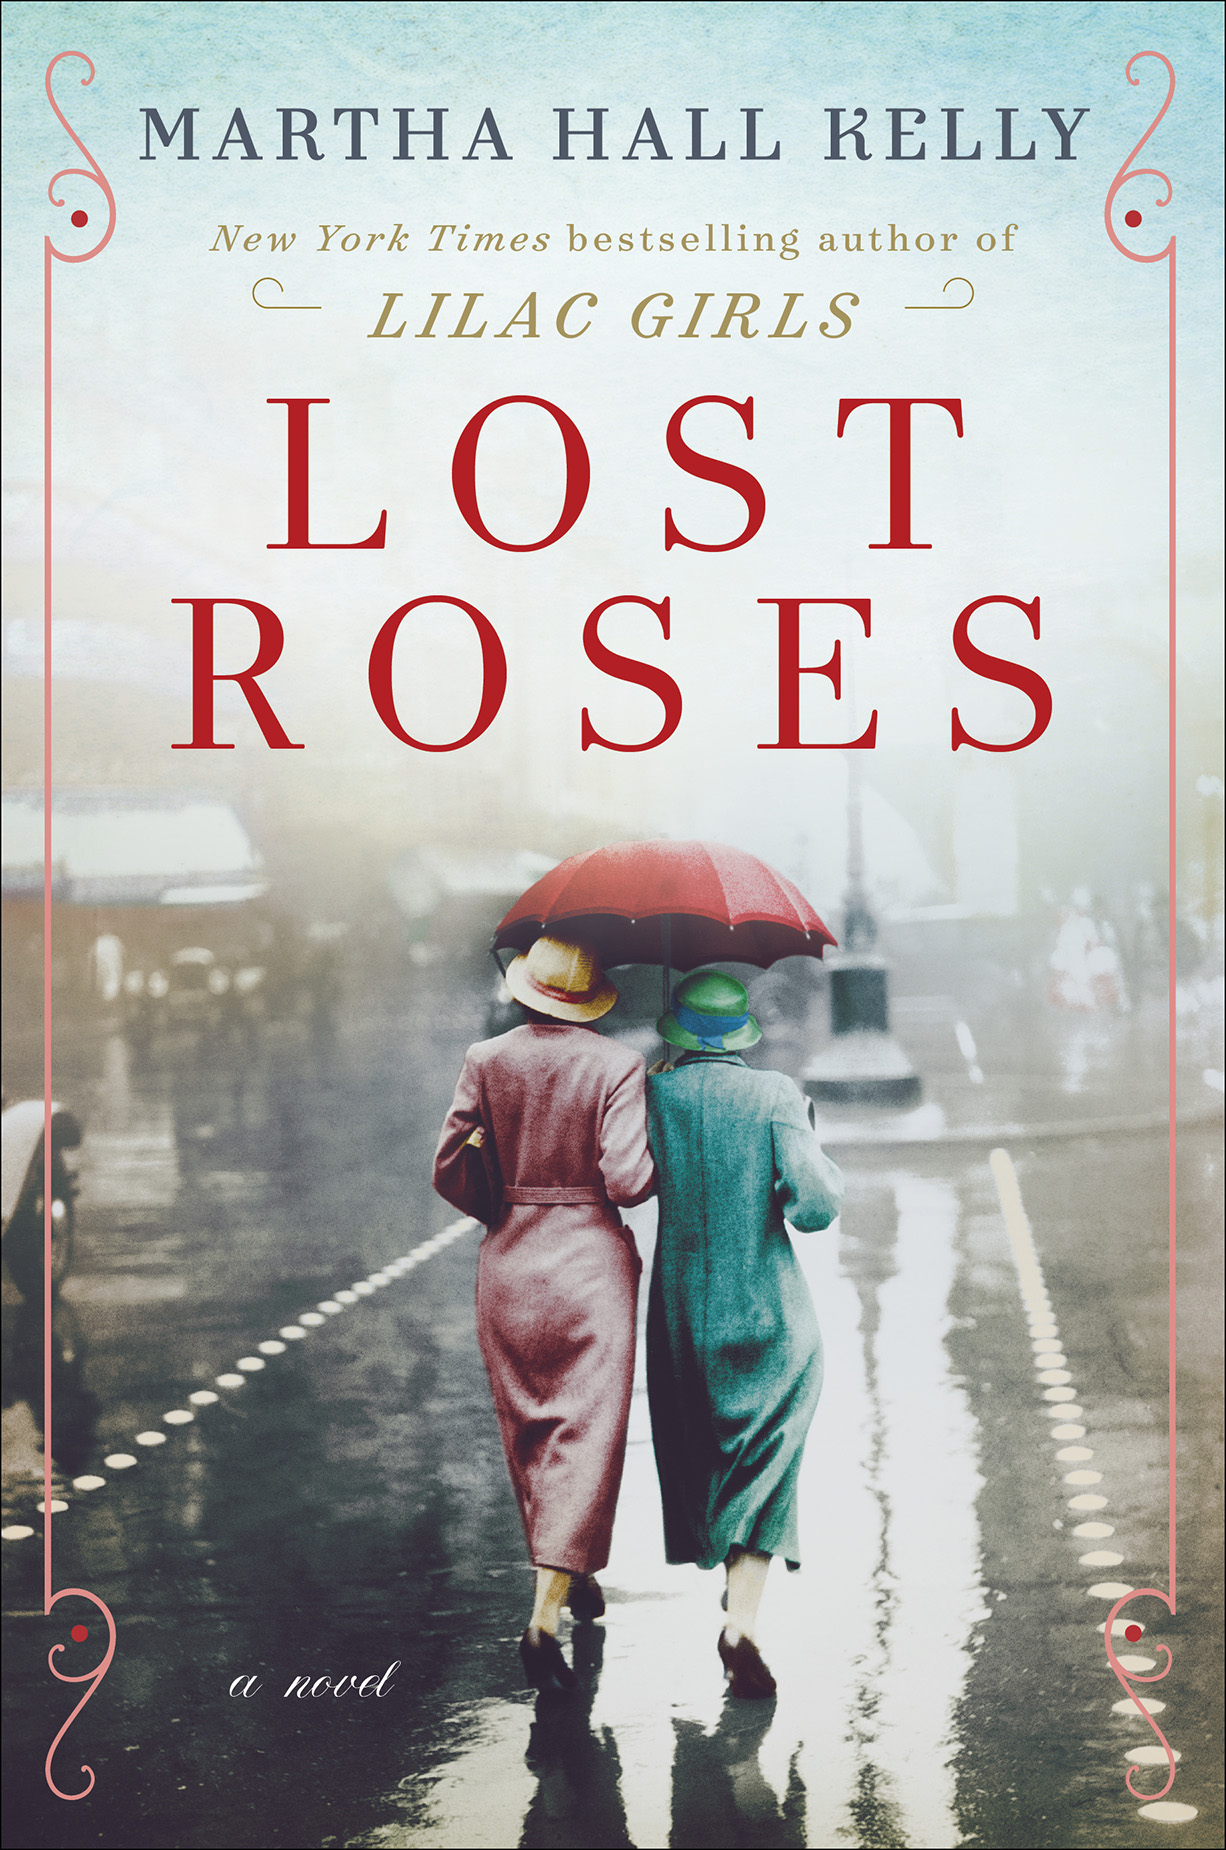 LostRoses.jpg